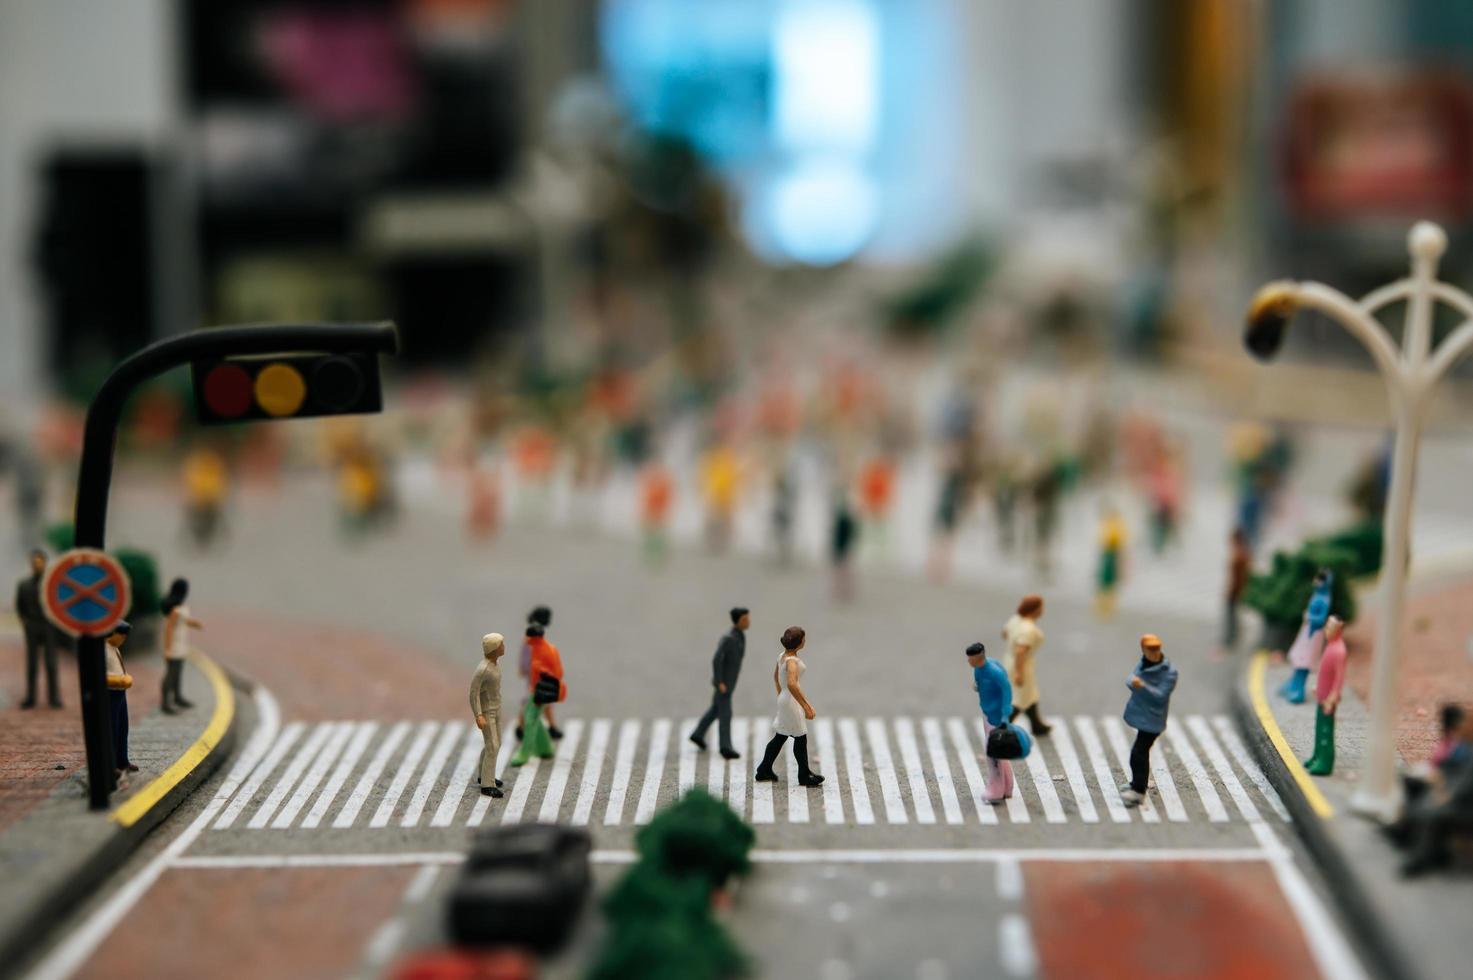 pequeña gente de cambio de inclinación en la calle foto